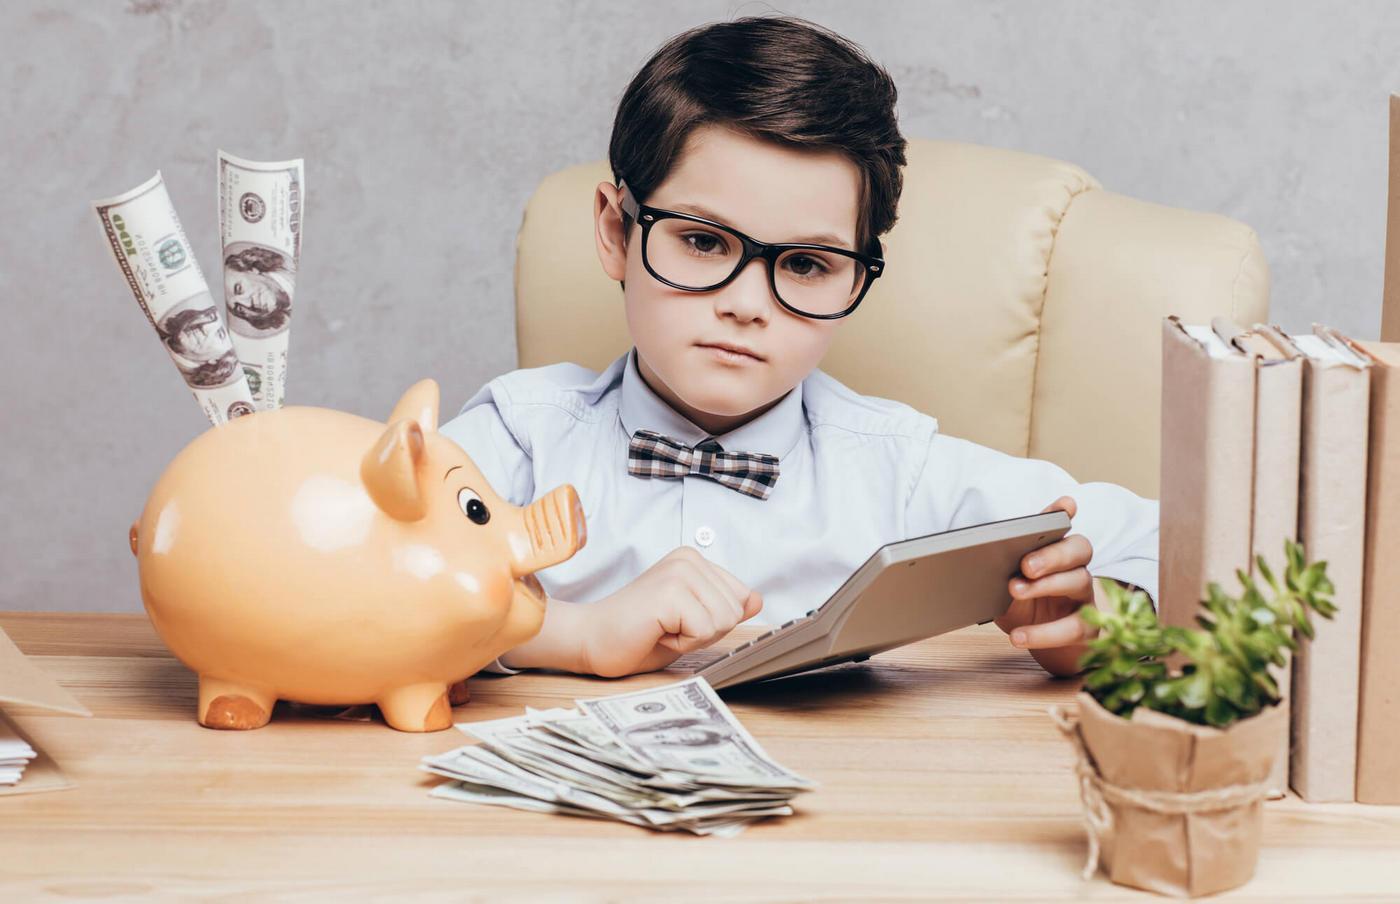 Развитие финансовой грамотности у подростков